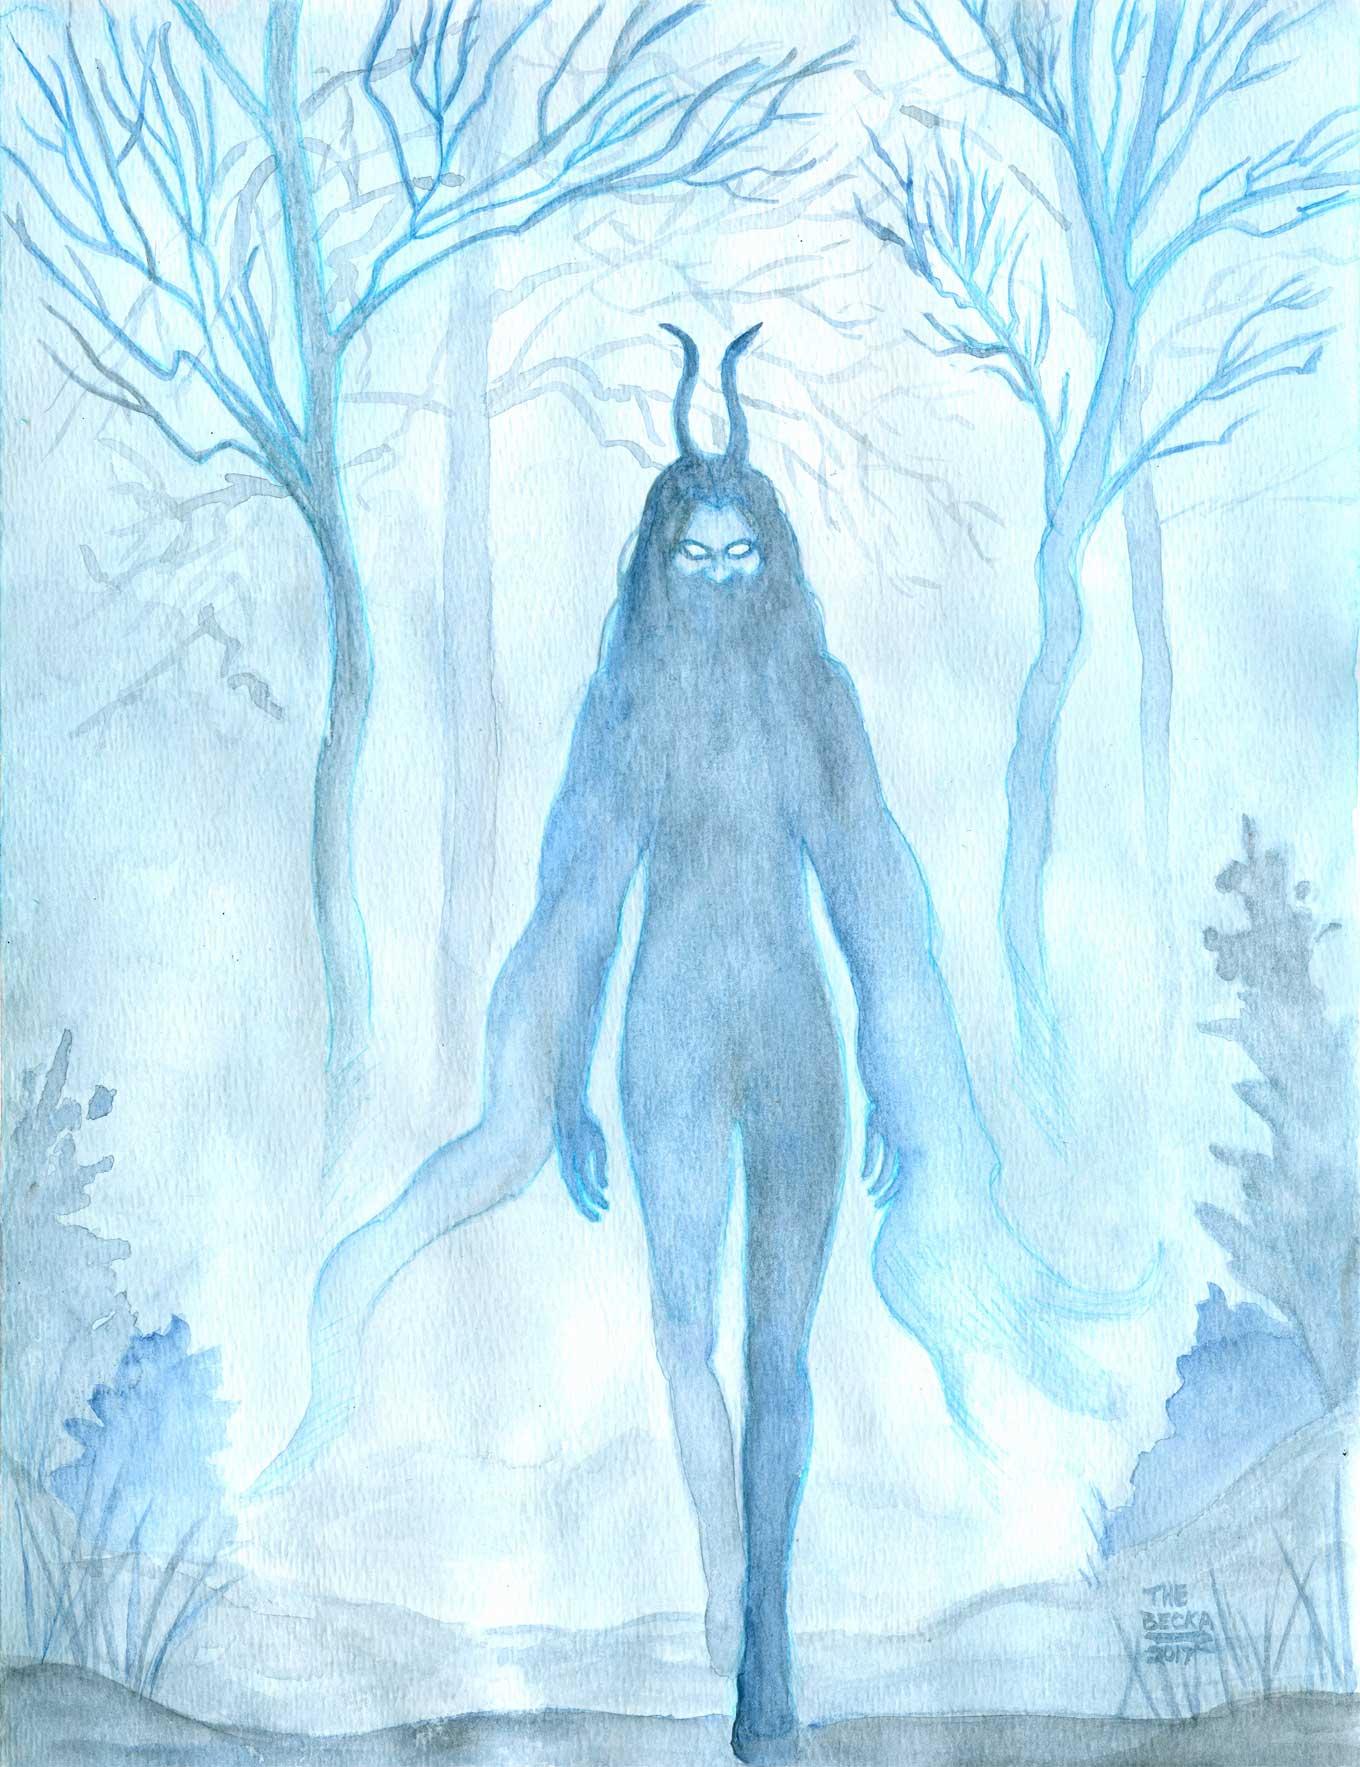 Wraith in the Mist